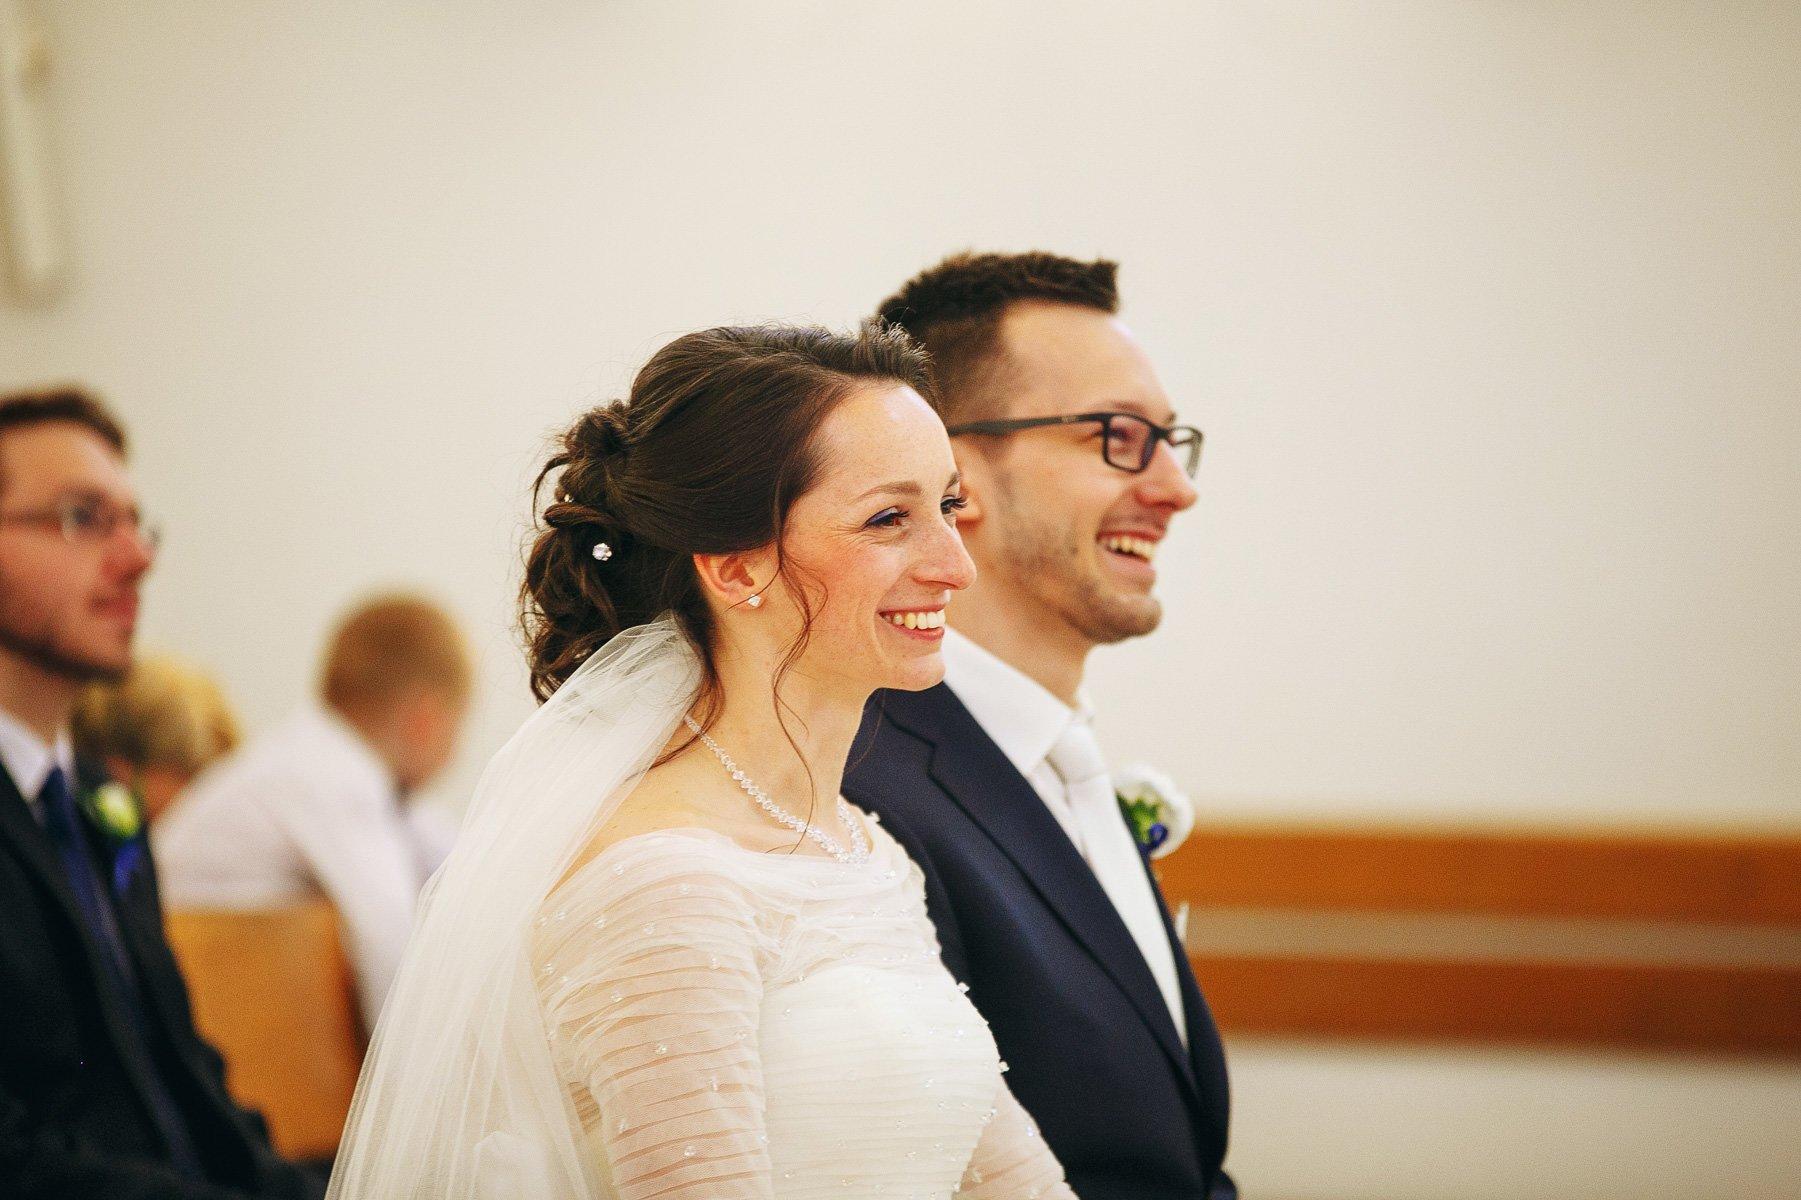 fotograf slub bielsko biala ania maciej 49 - Ślub w Bielsku-Białej - ANIA & MACIEJ